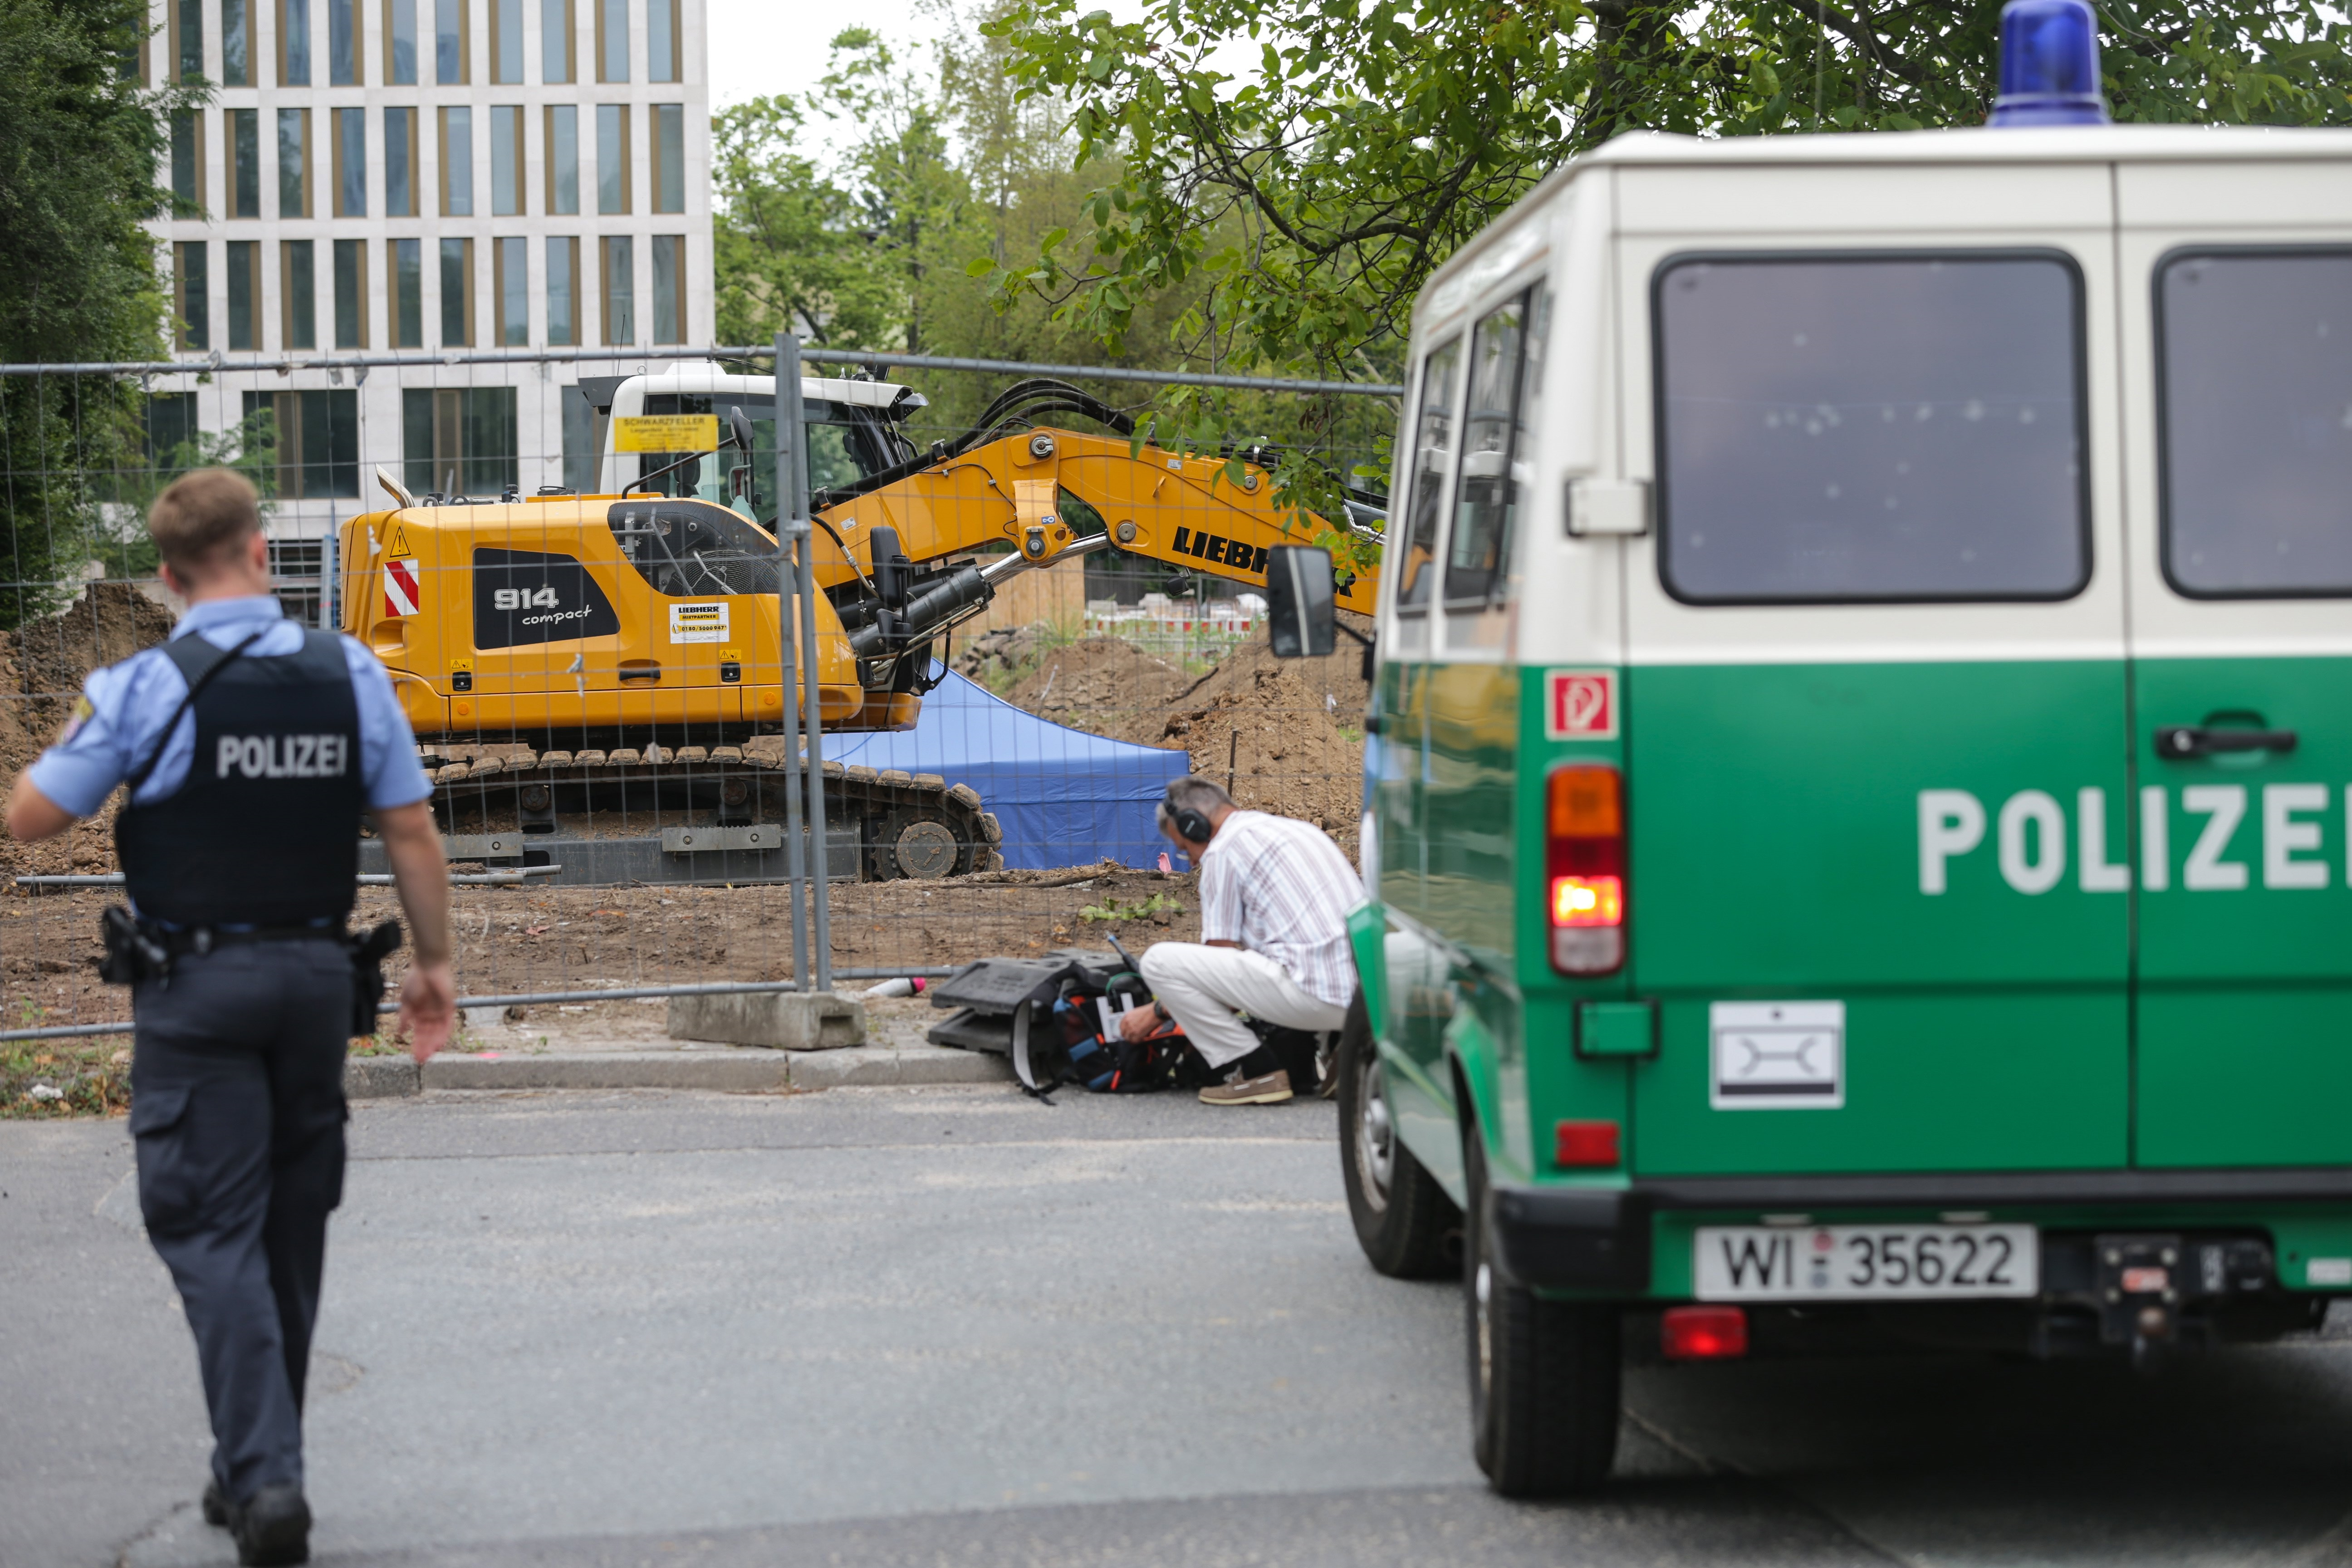 Centro de Frankfurt será esvaziado no domingo para desativação de bomba